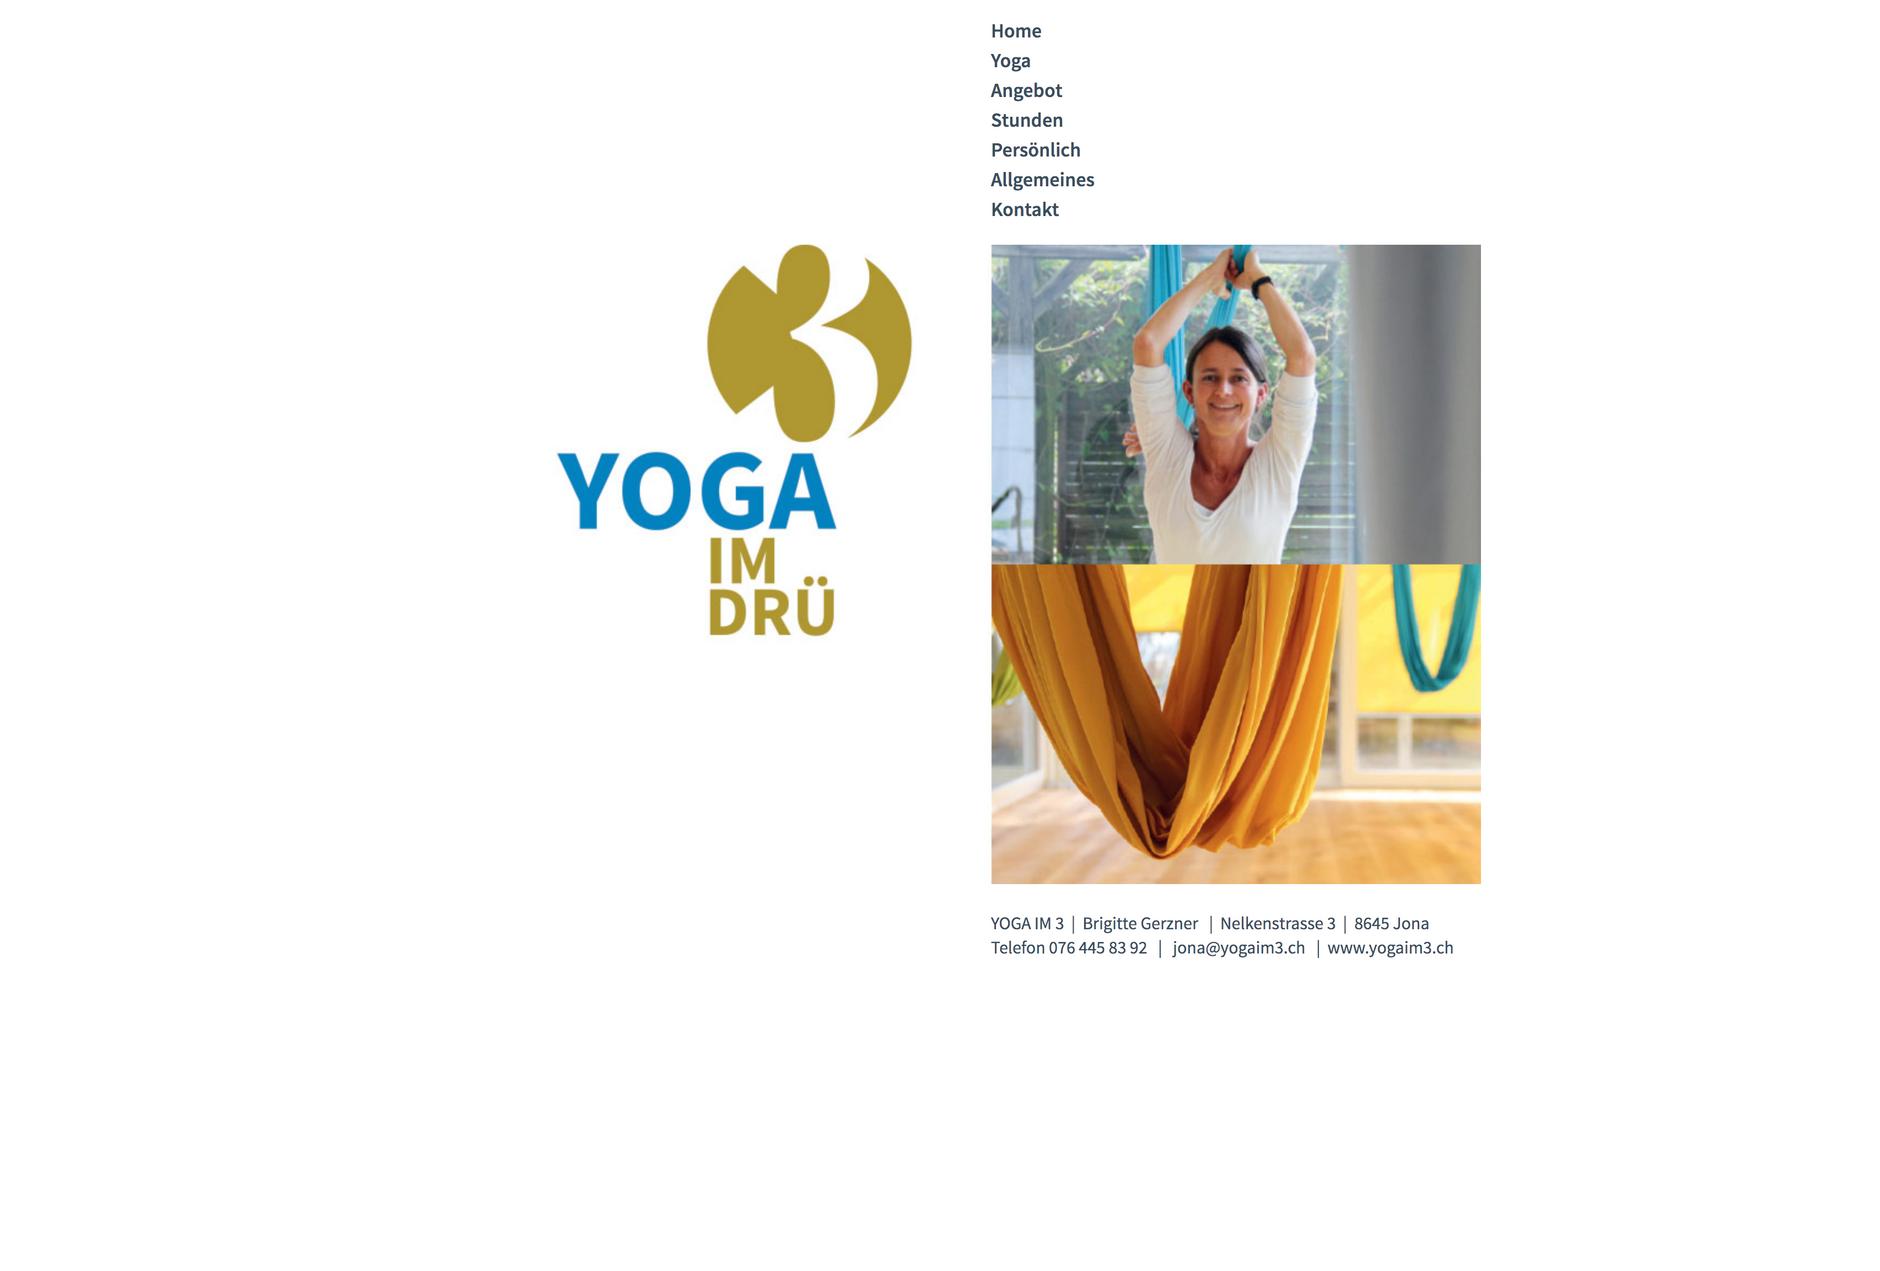 www.yogaim3.ch